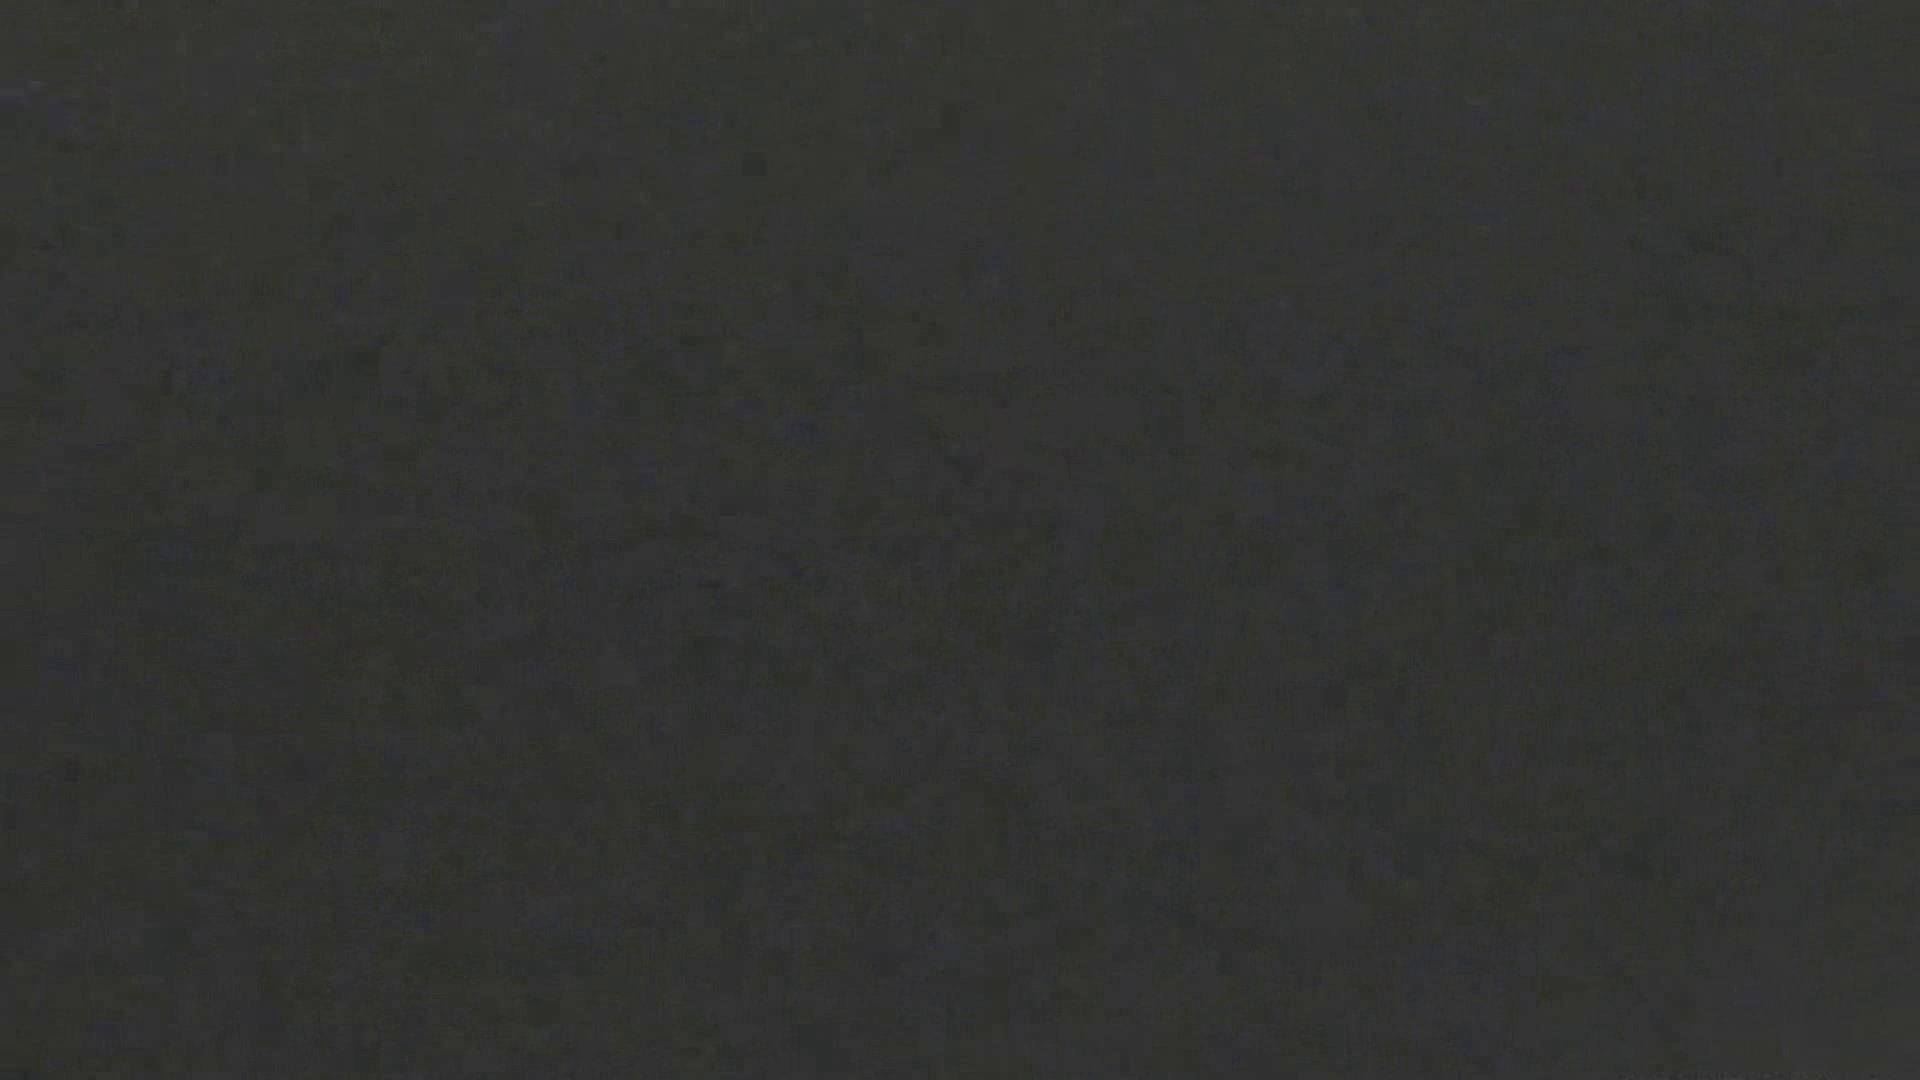 ロックハンドさんの盗撮記録File.02 オマンコもろ SEX無修正画像 109PIX 52